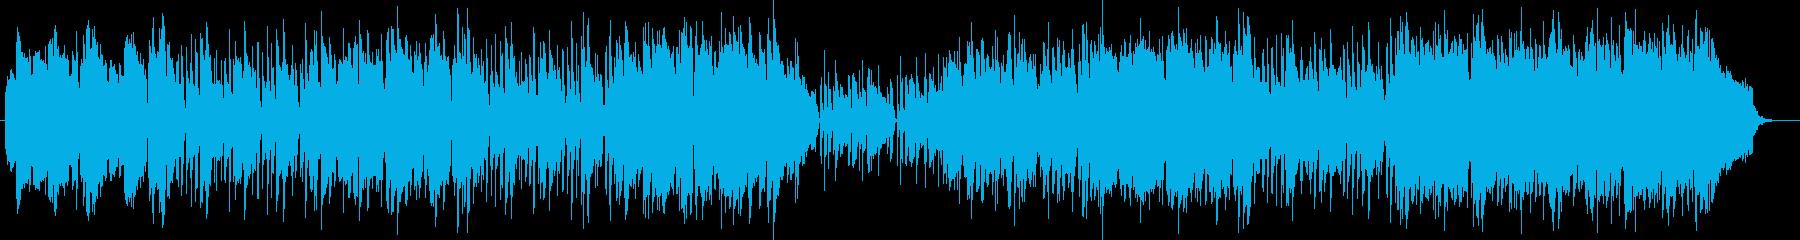 緩やかで可憐なピアノメロディーの再生済みの波形